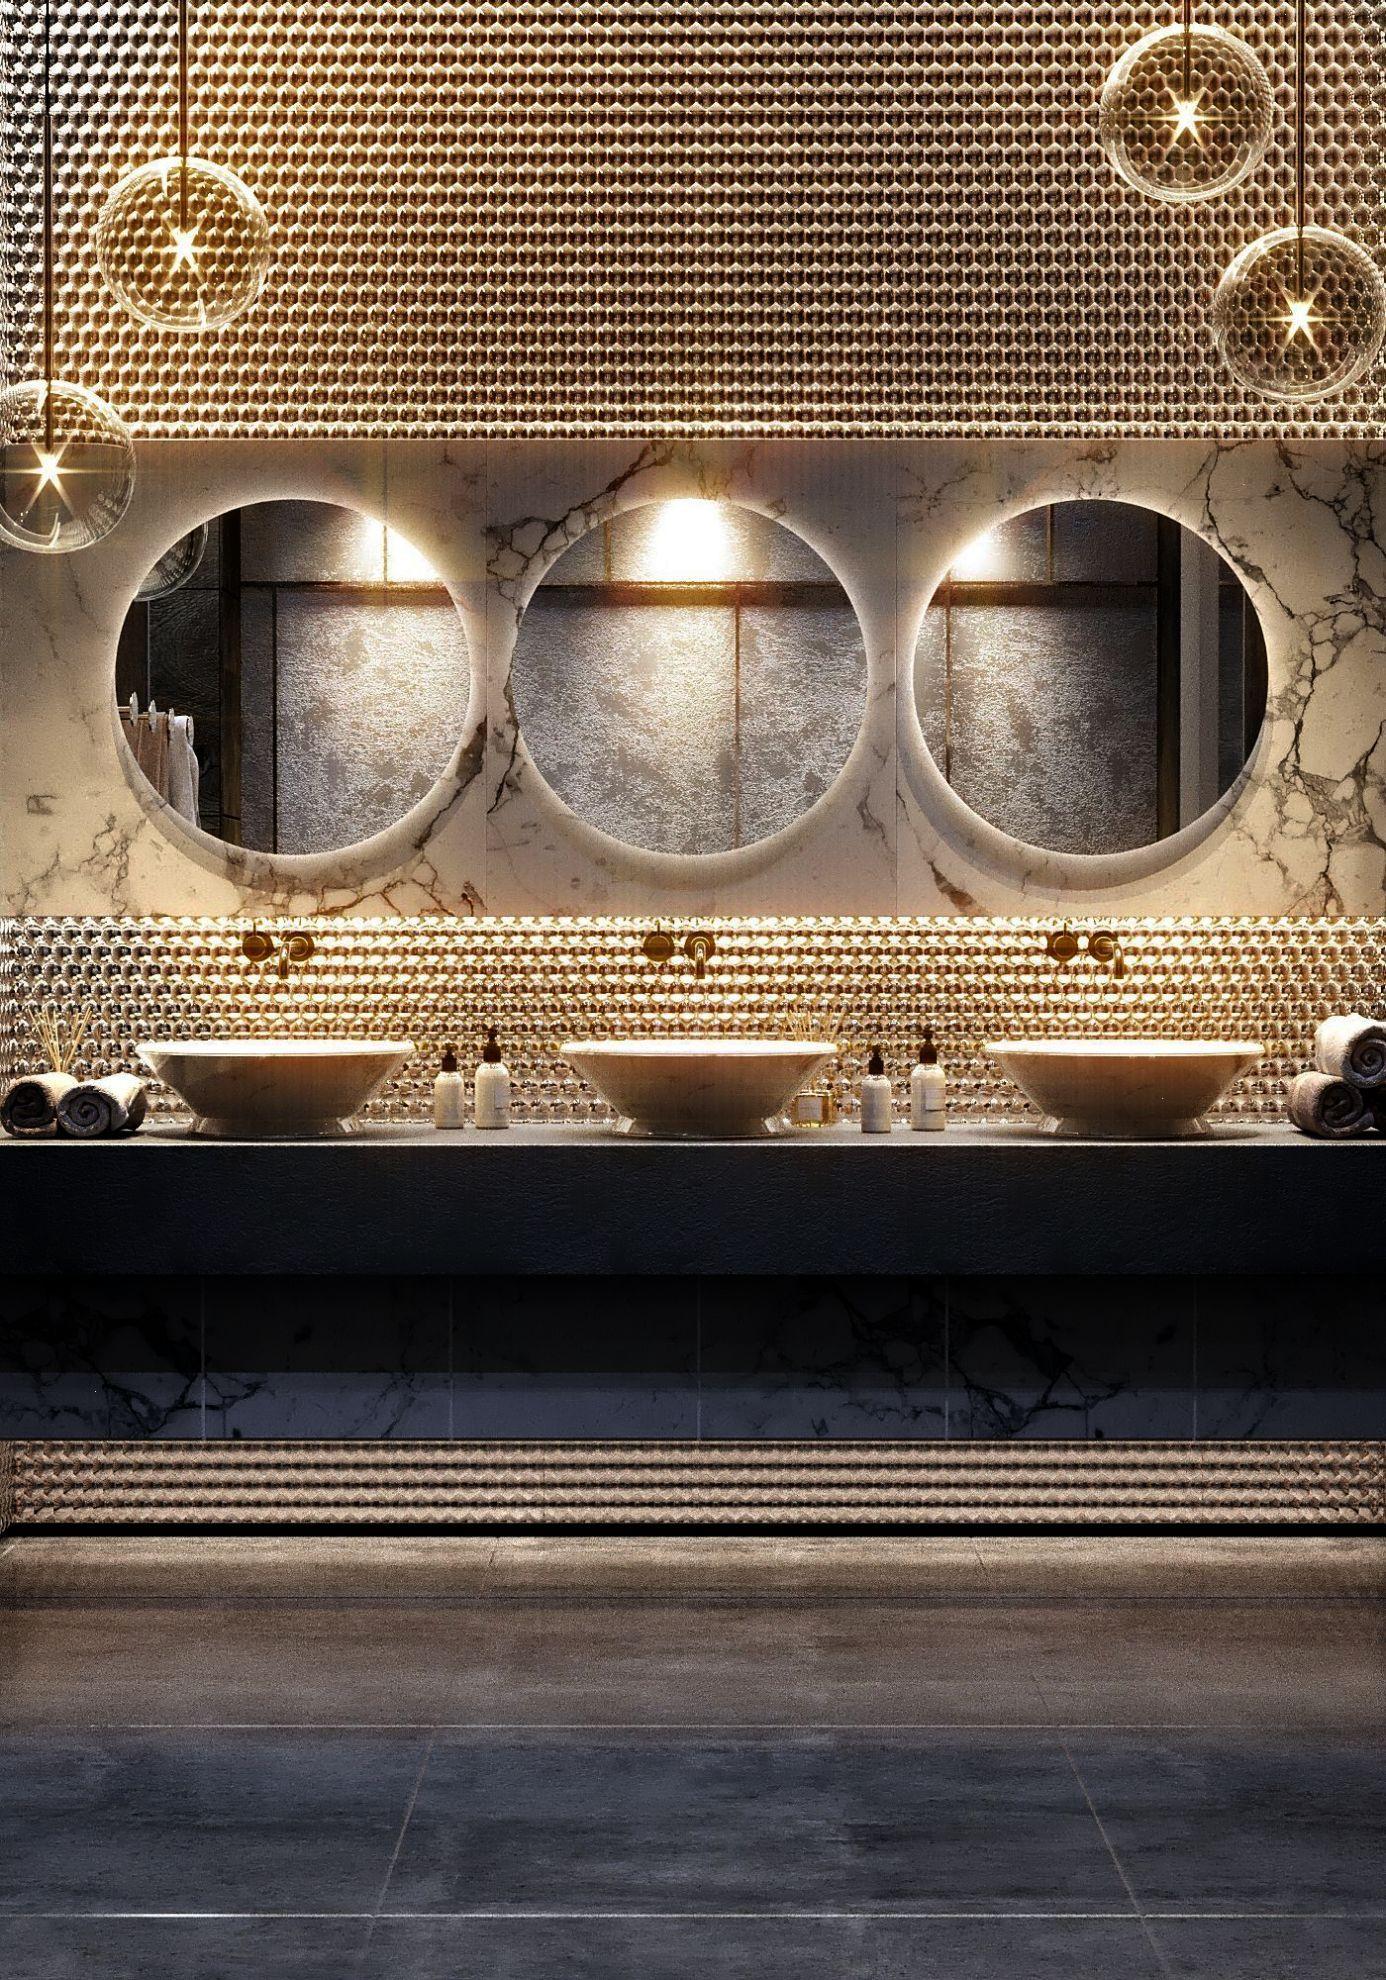 Badezimmer ideen über toilette villa in middle east  inside  pinterest  badezimmer badezimmer